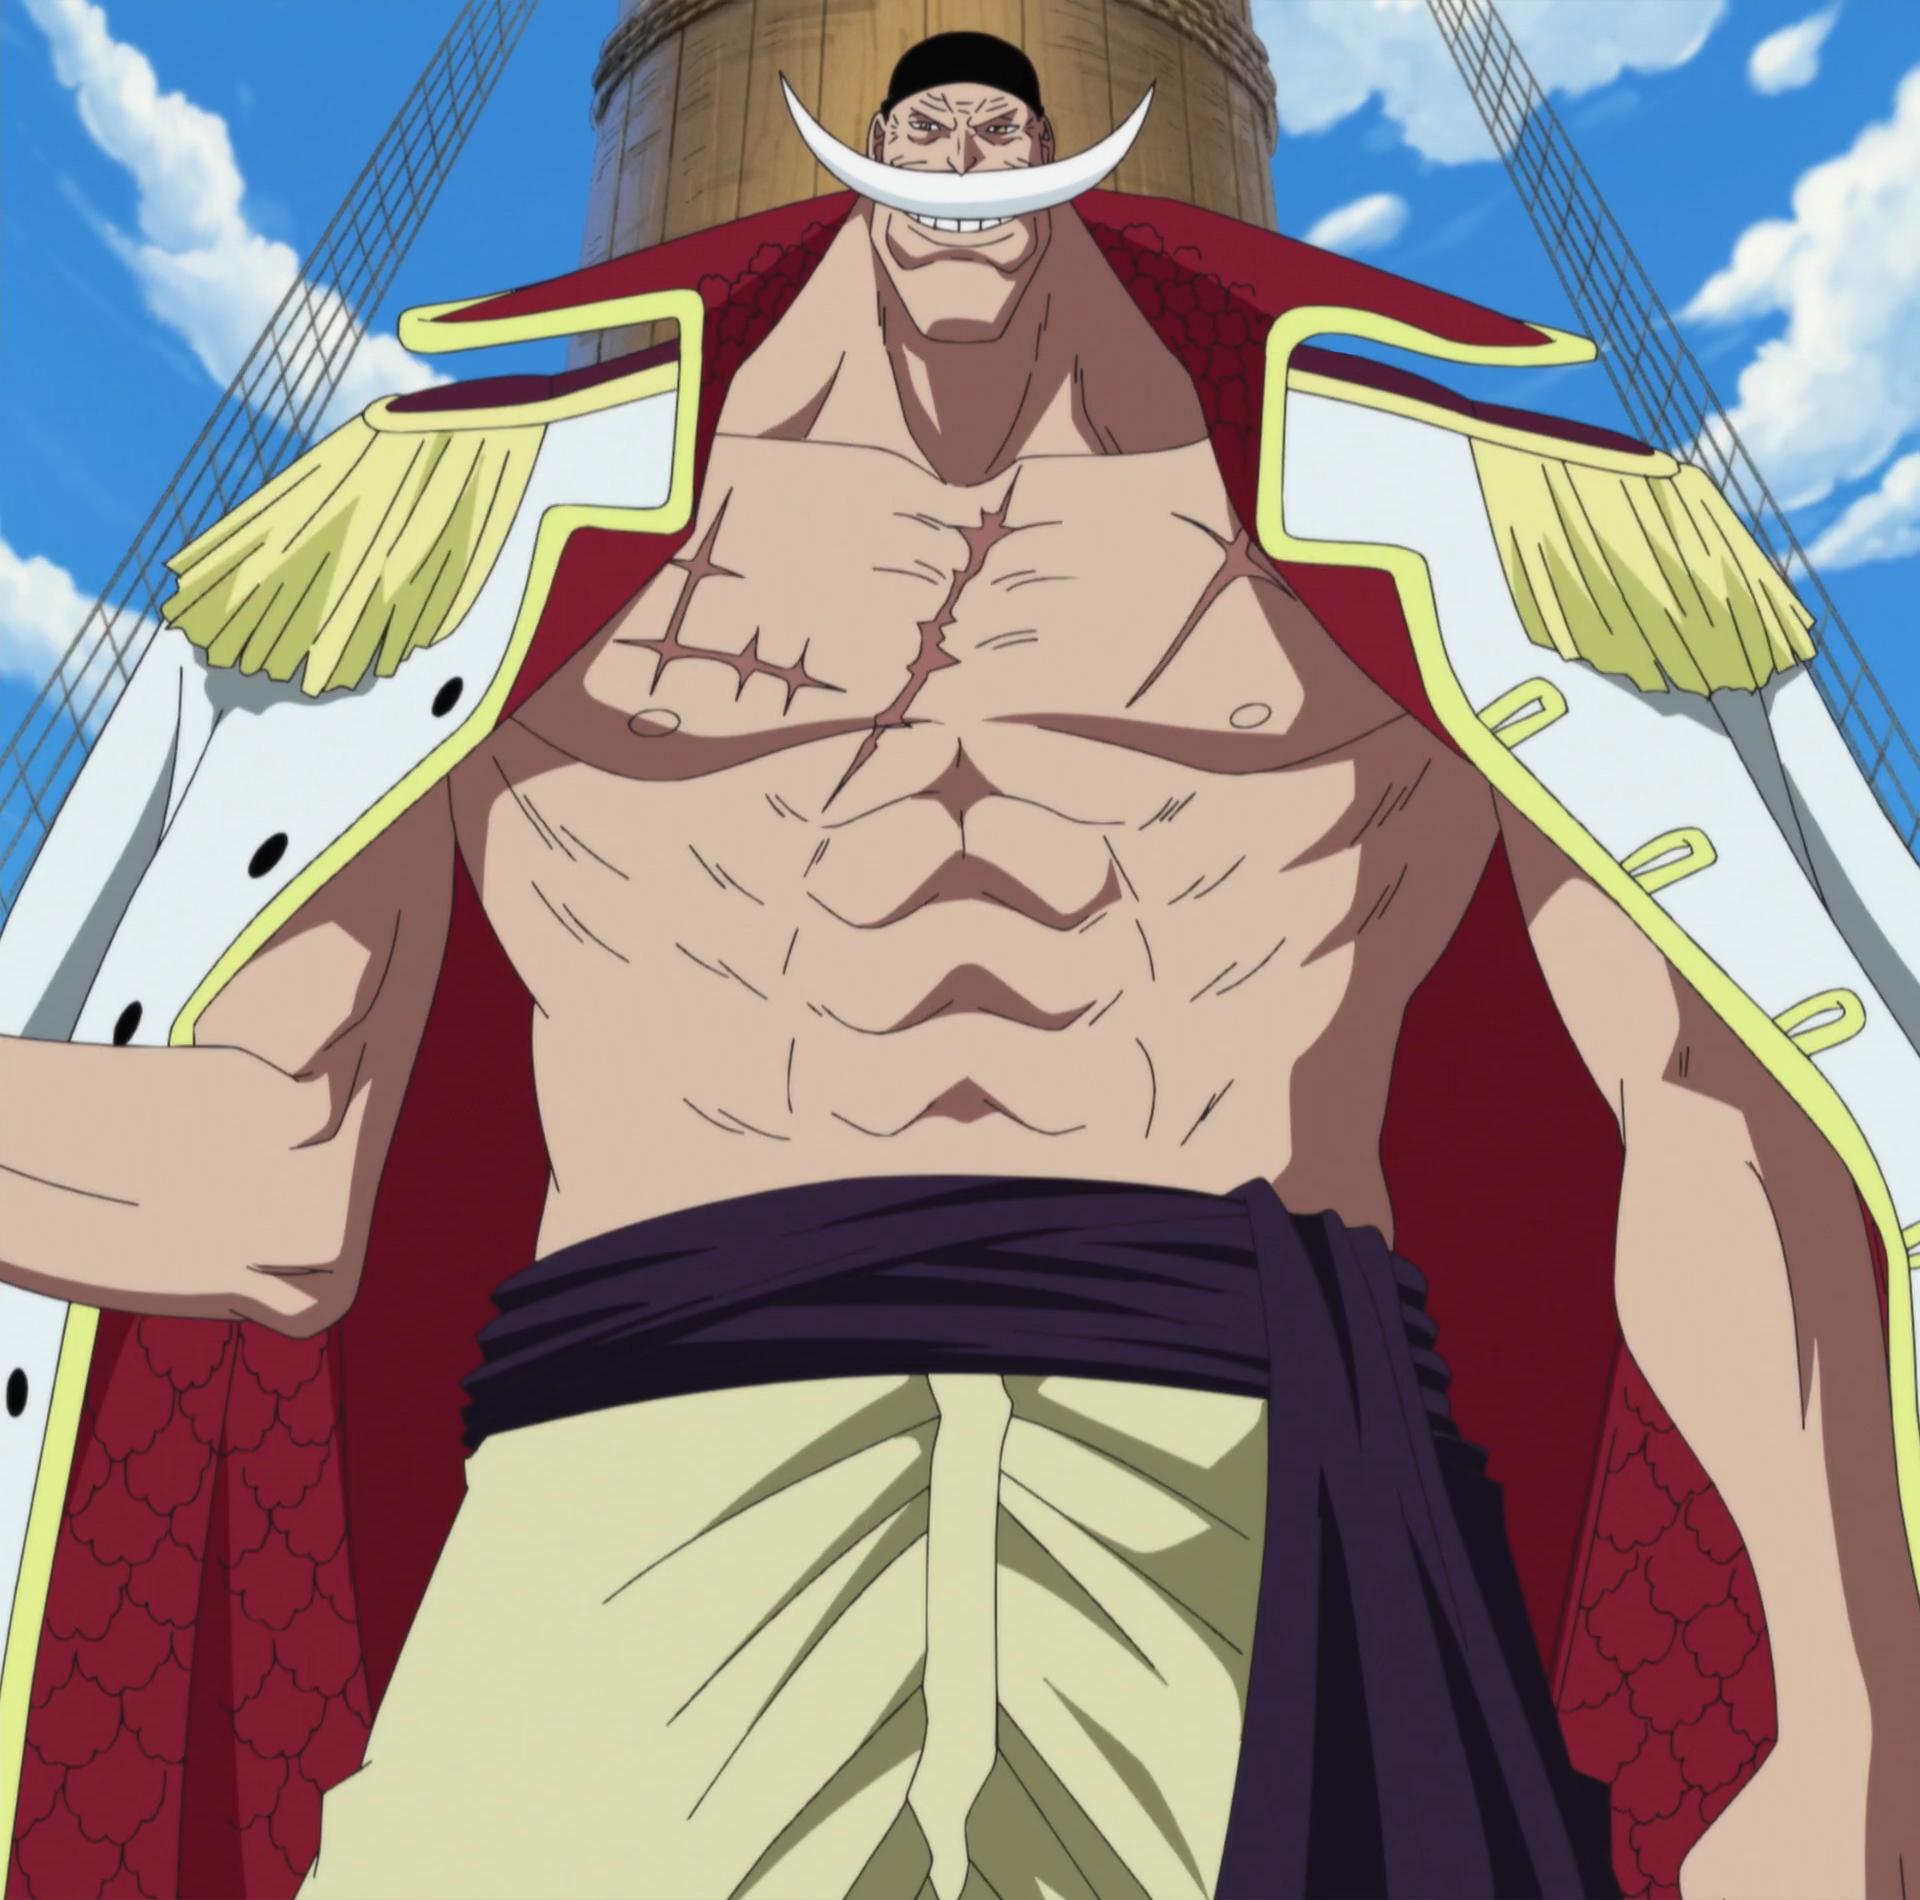 Edward Newgate | One Piece Wiki | FANDOM powered by Wikia